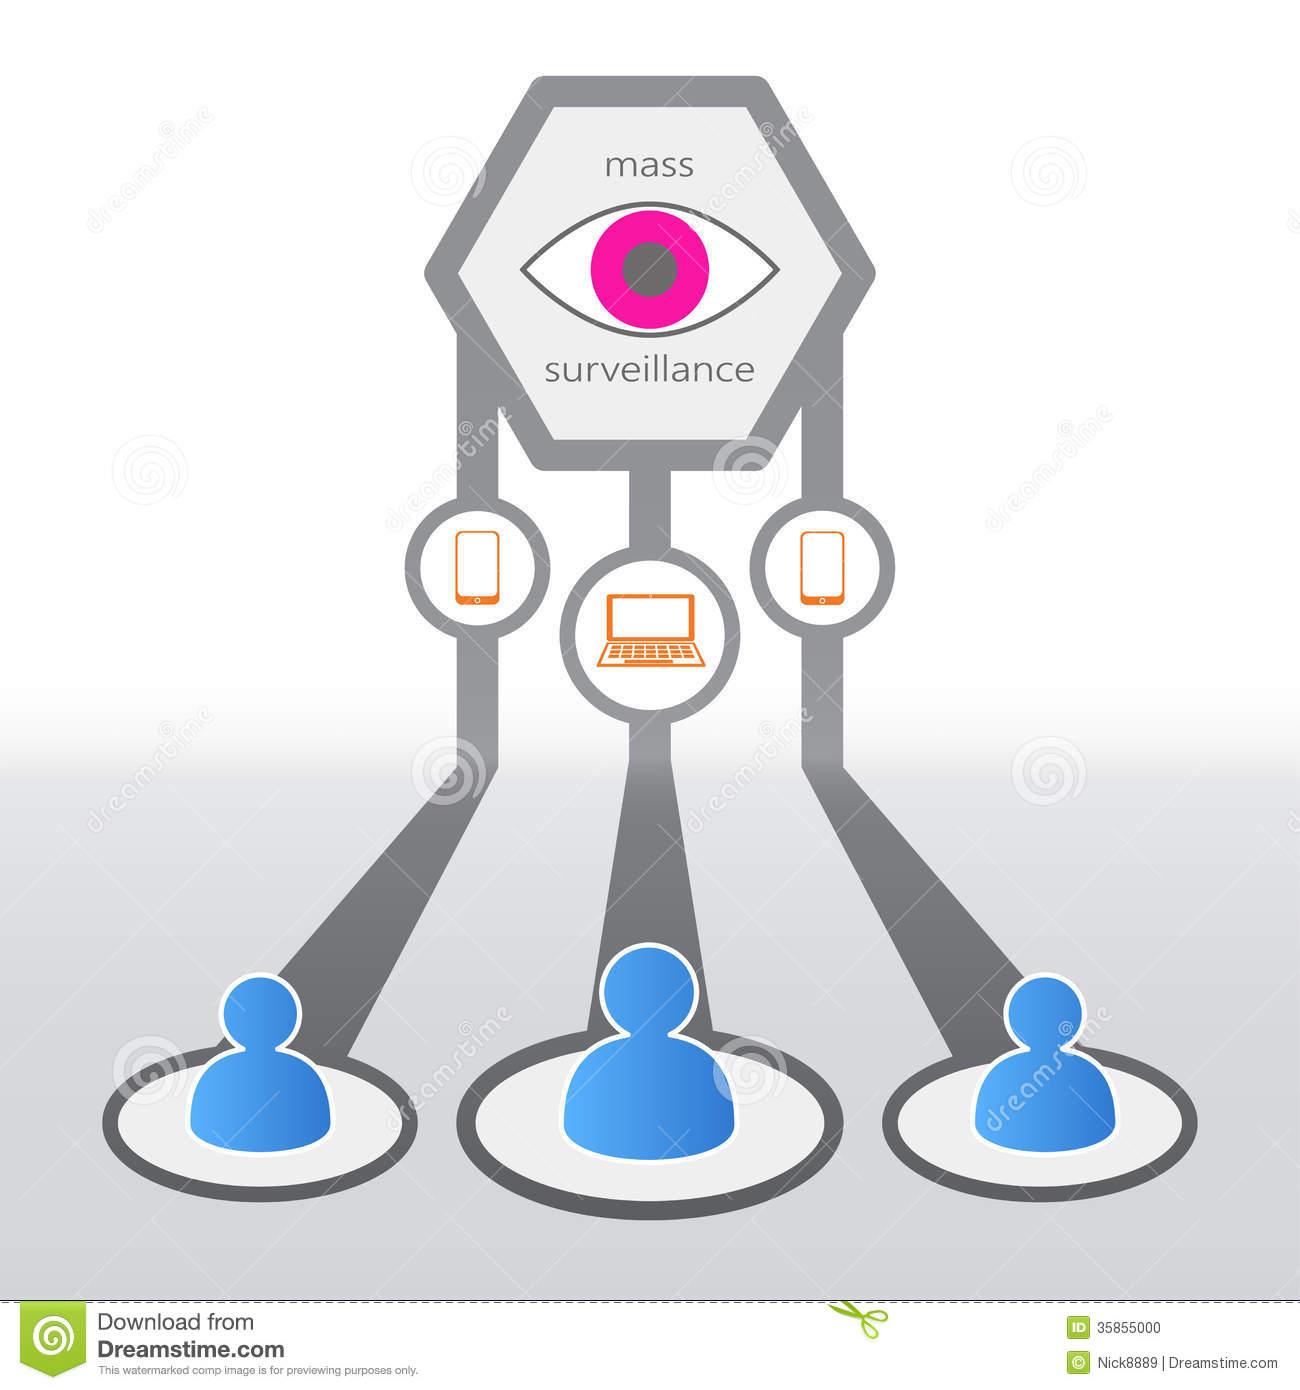 Surveillance clipart security service Clipart Free surveillance%20clipart Clipart Images